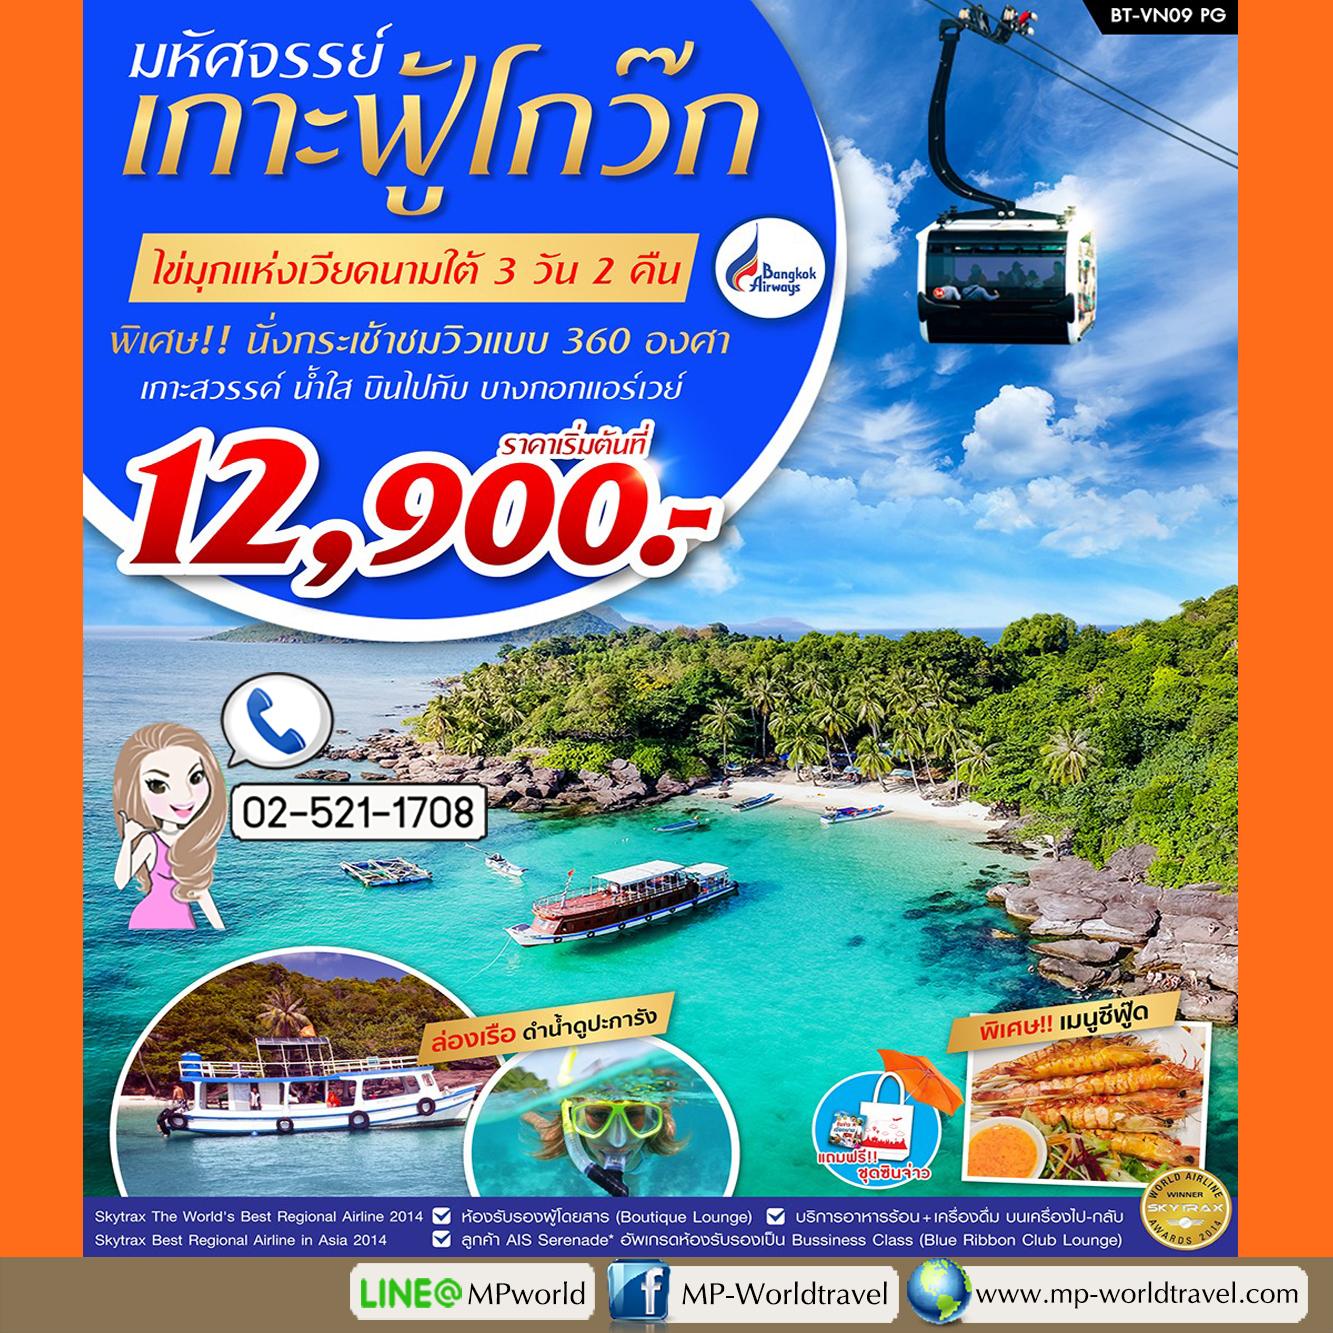 ทัวร์เวียดนาม_มหัศจรรย์เกาะฟู้โกว๊ก_ไข่มุกแห่งเวียดนามใต้